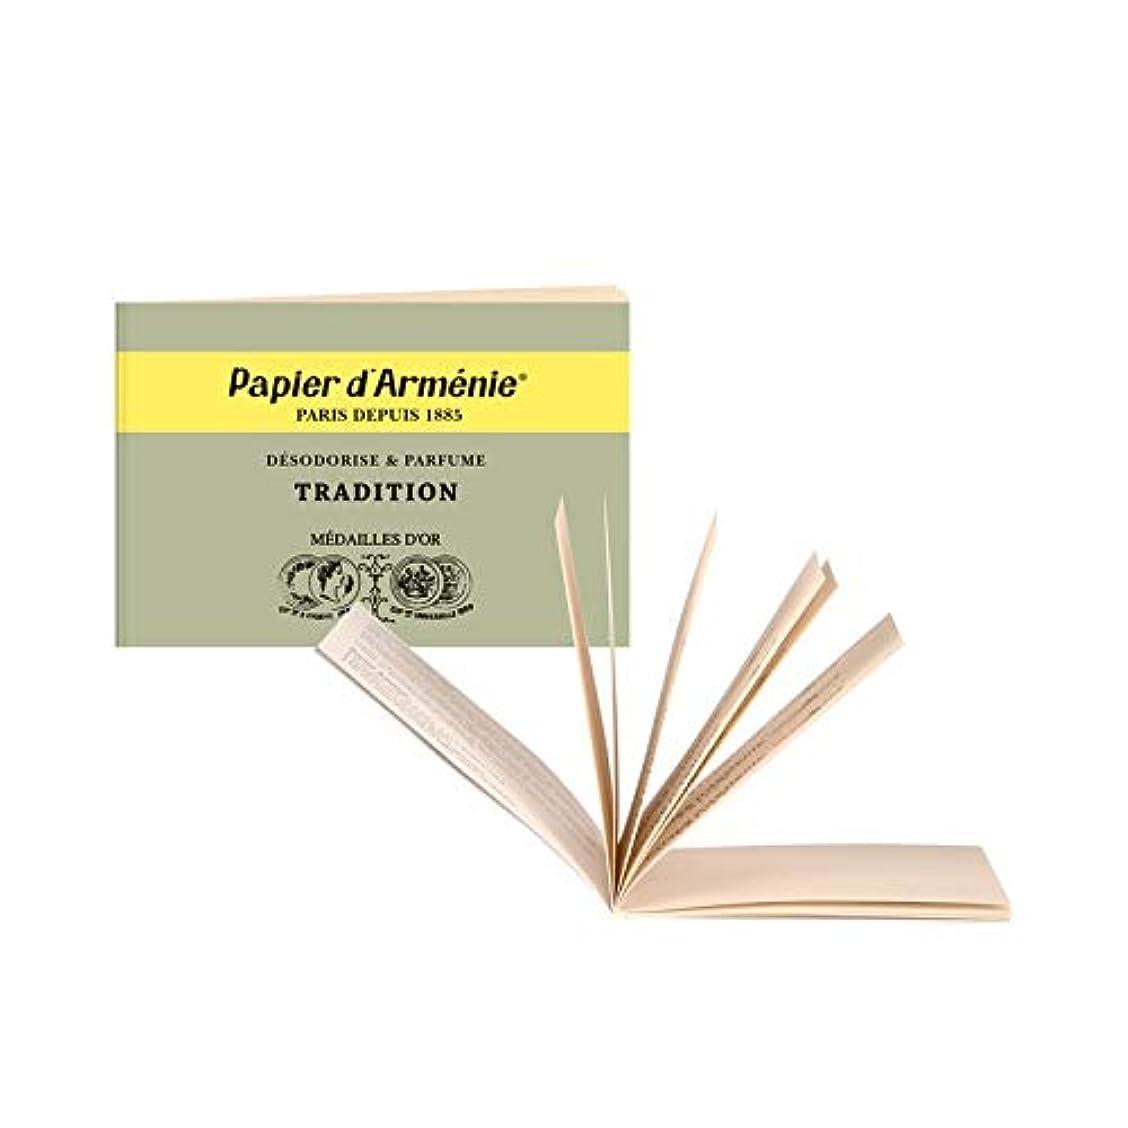 役職脅迫湿ったPapier d'Arménie パピエダルメニイ トリプル 紙のお香 フランス直送 [並行輸入品]